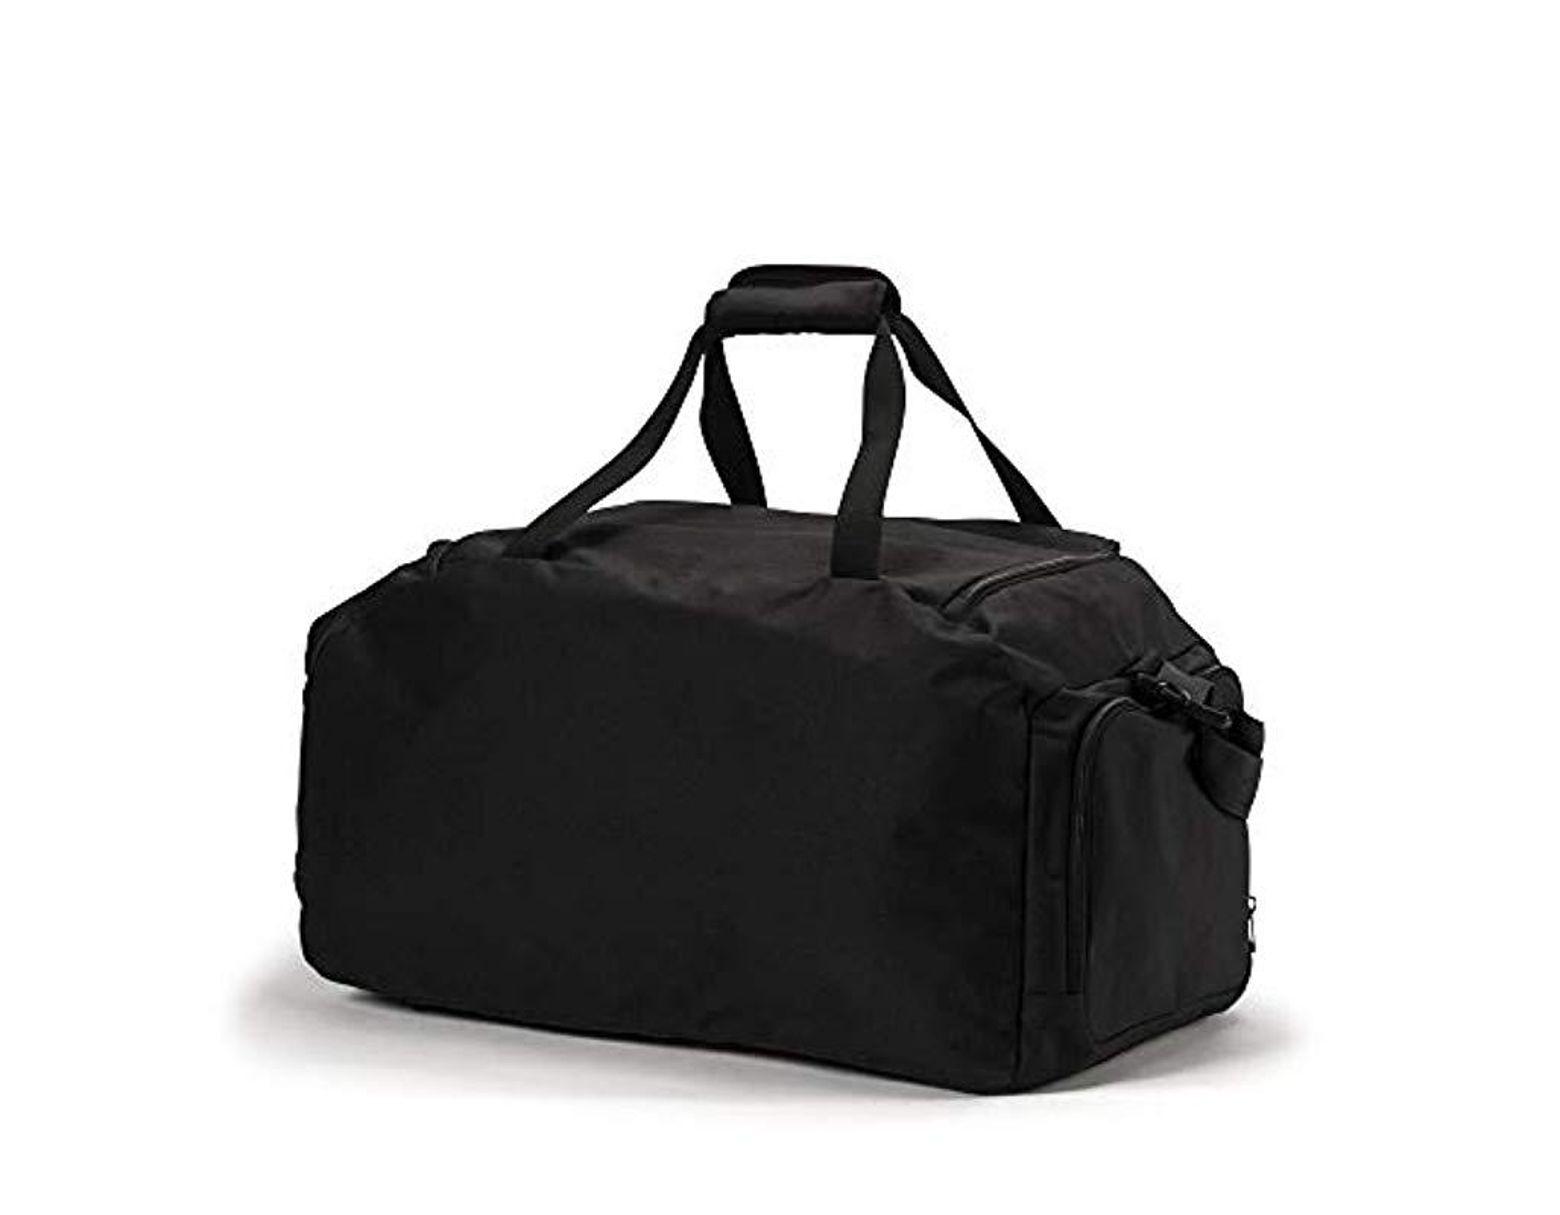 090f8c13500e2c PUMA Olympique De Marseille Liga Medium Bag Azure Blue- Black Ua in ...